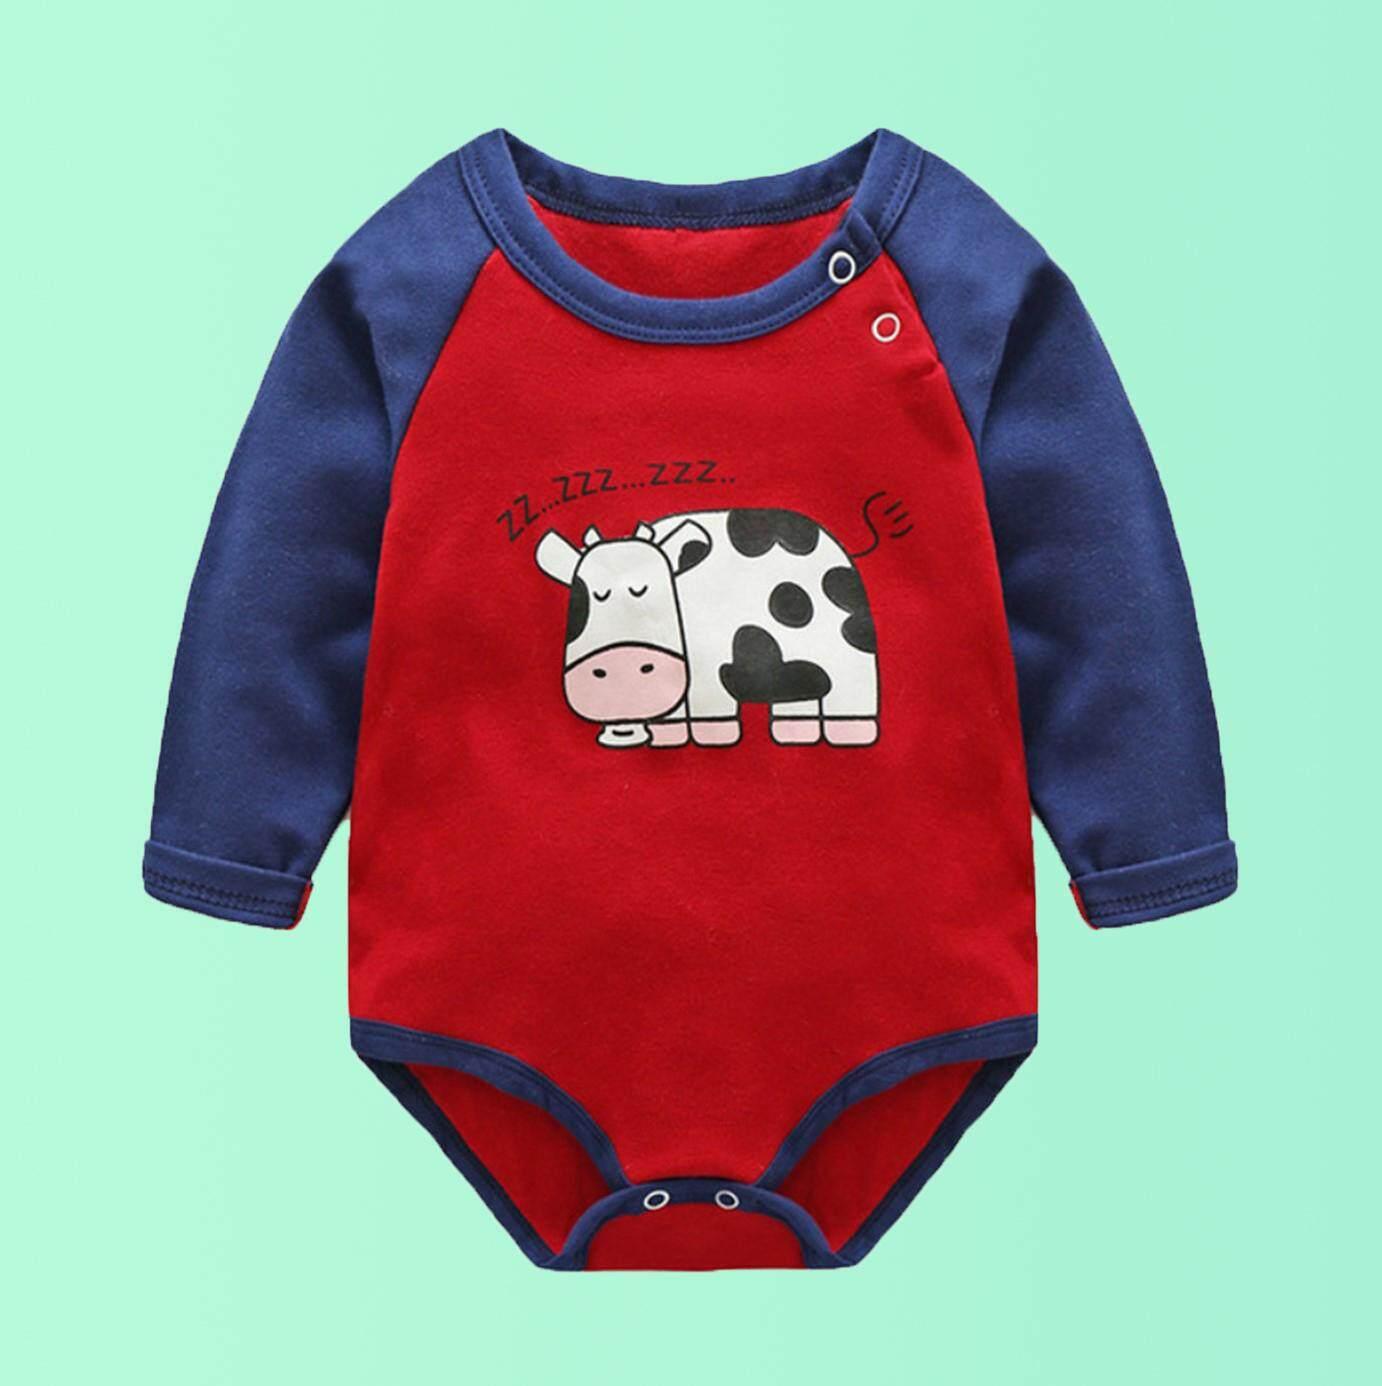 ด่วน!! On Sale บอดี้สูทเด็ก เจ้าวัวแอบหลับ Zzz ขนาด 73 Cm อายุ 6-9 เดือน .